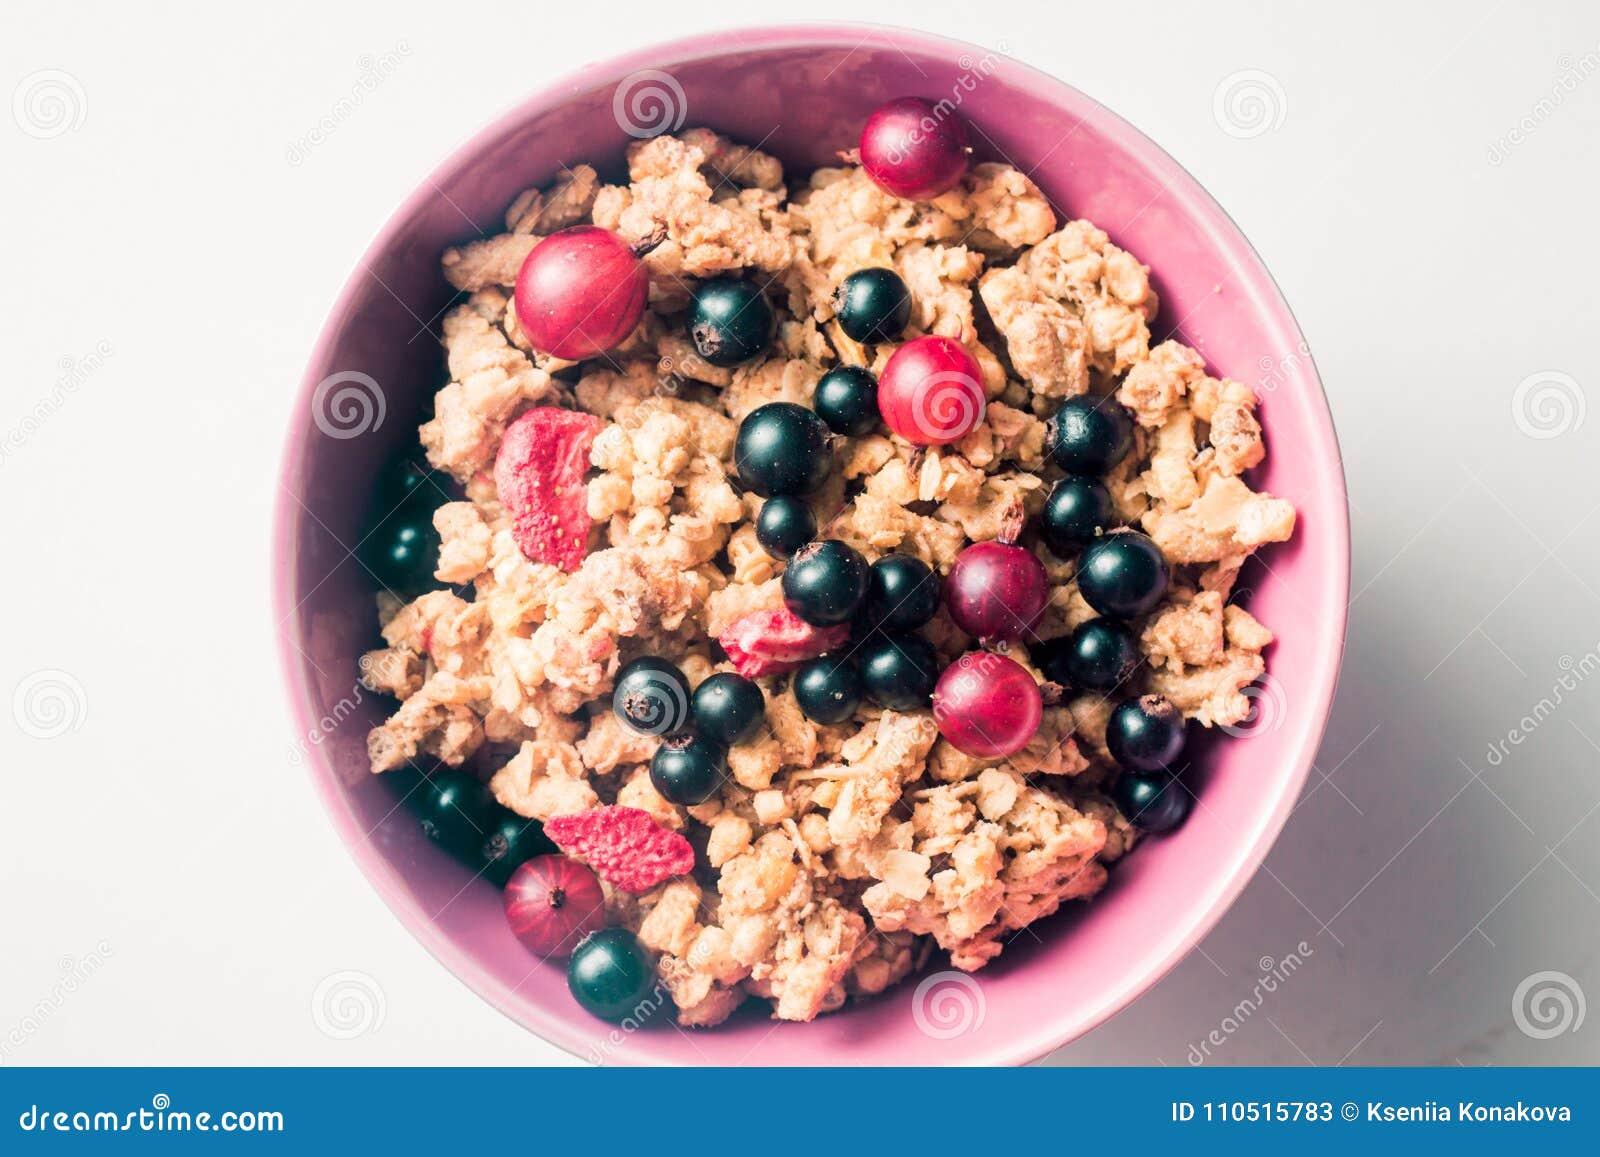 Granola oder Flocken mit Beeren der Schwarzen Johannisbeere und der Stachelbeere in einer rosa Platte auf einem weißen Hintergrun